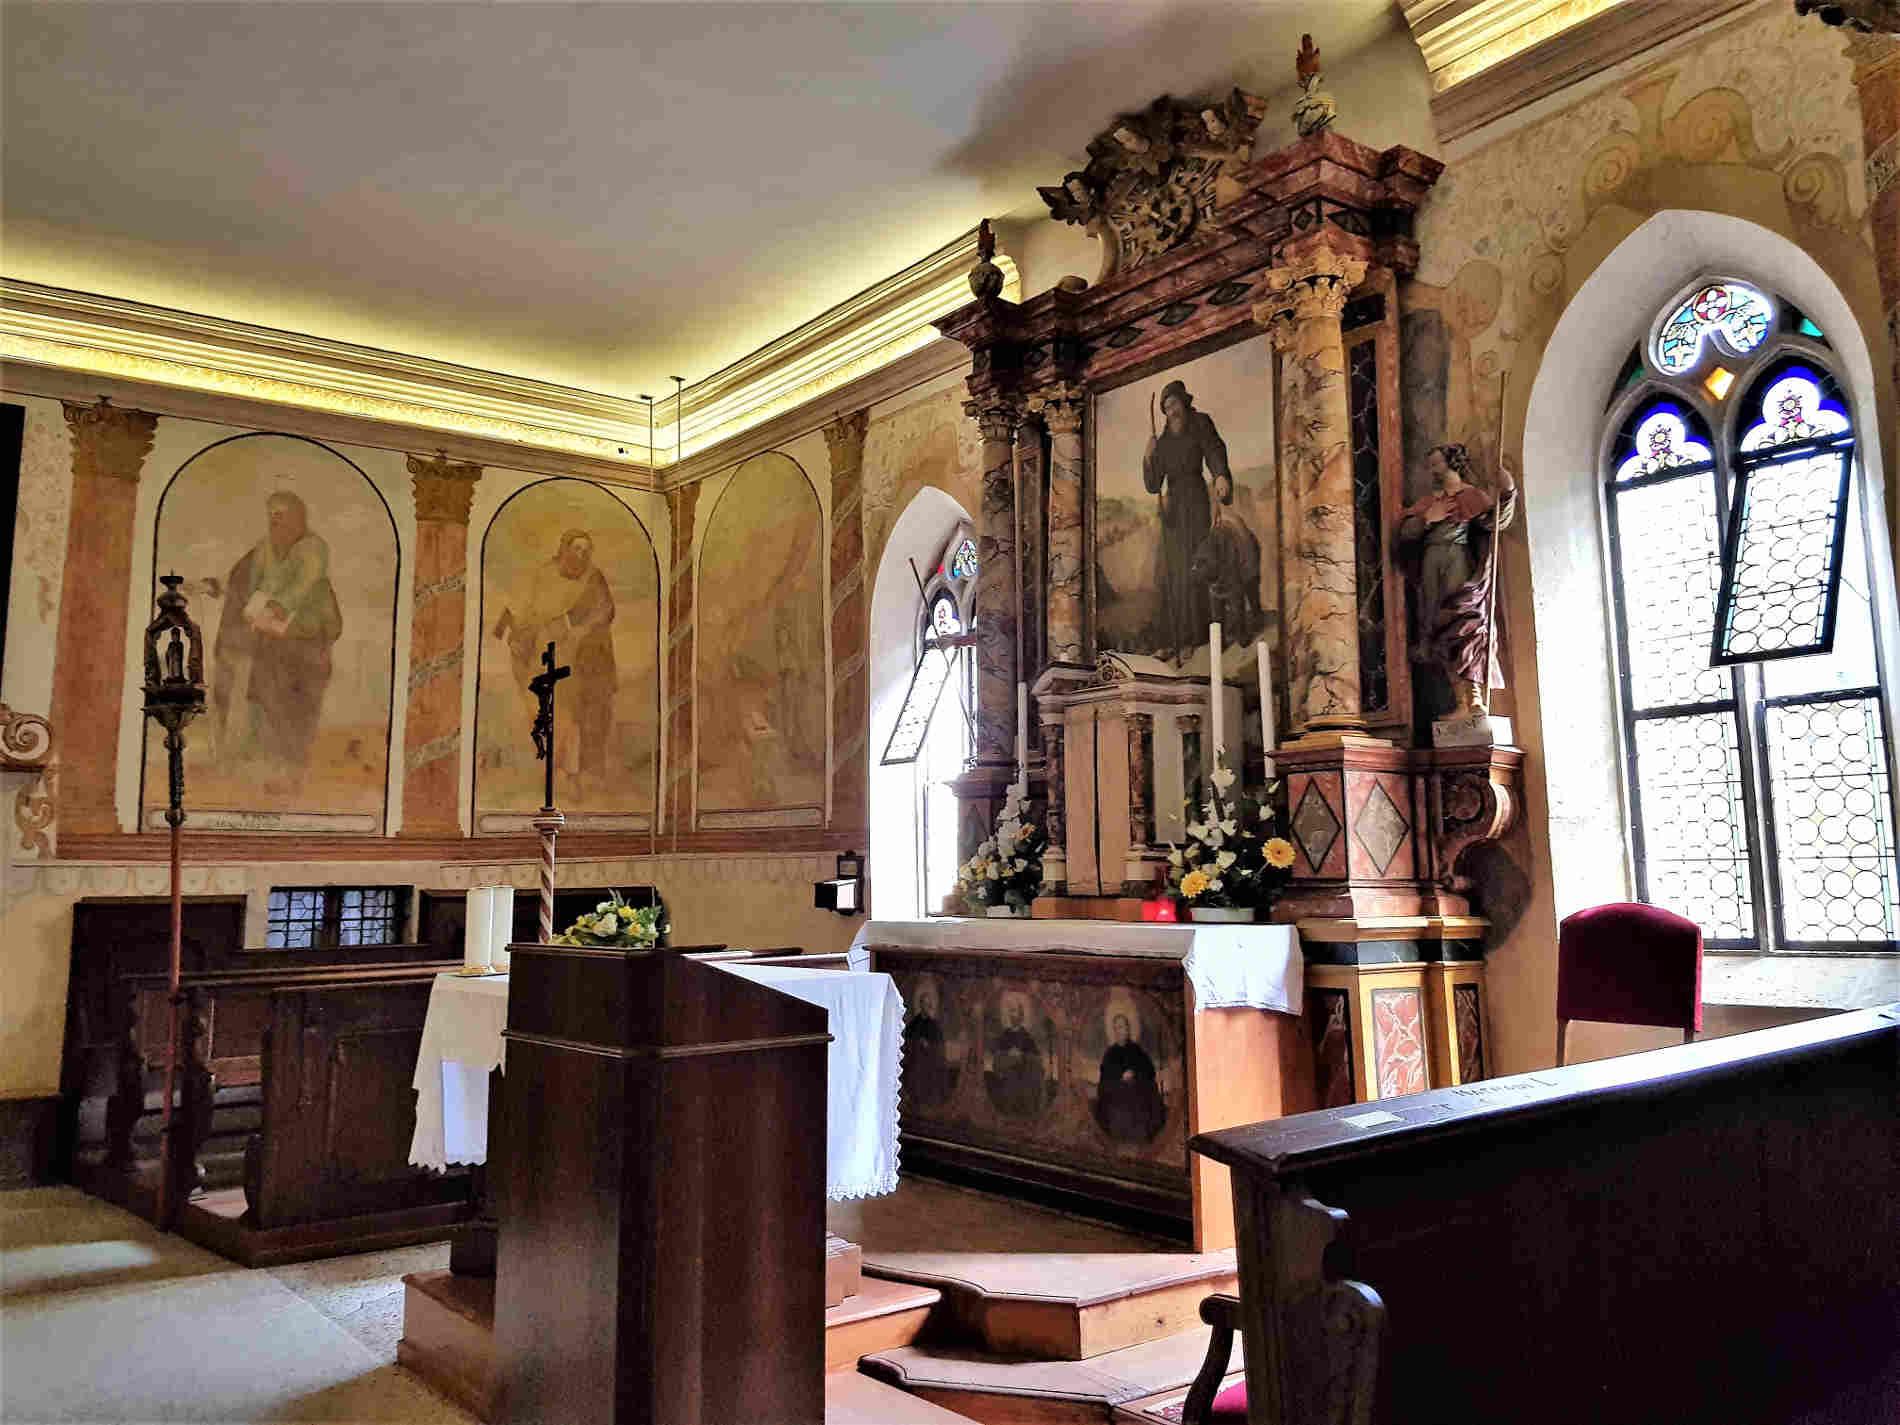 Chiesa con immagine di San Romedio nell'Eremo di San Romedio, Trentino